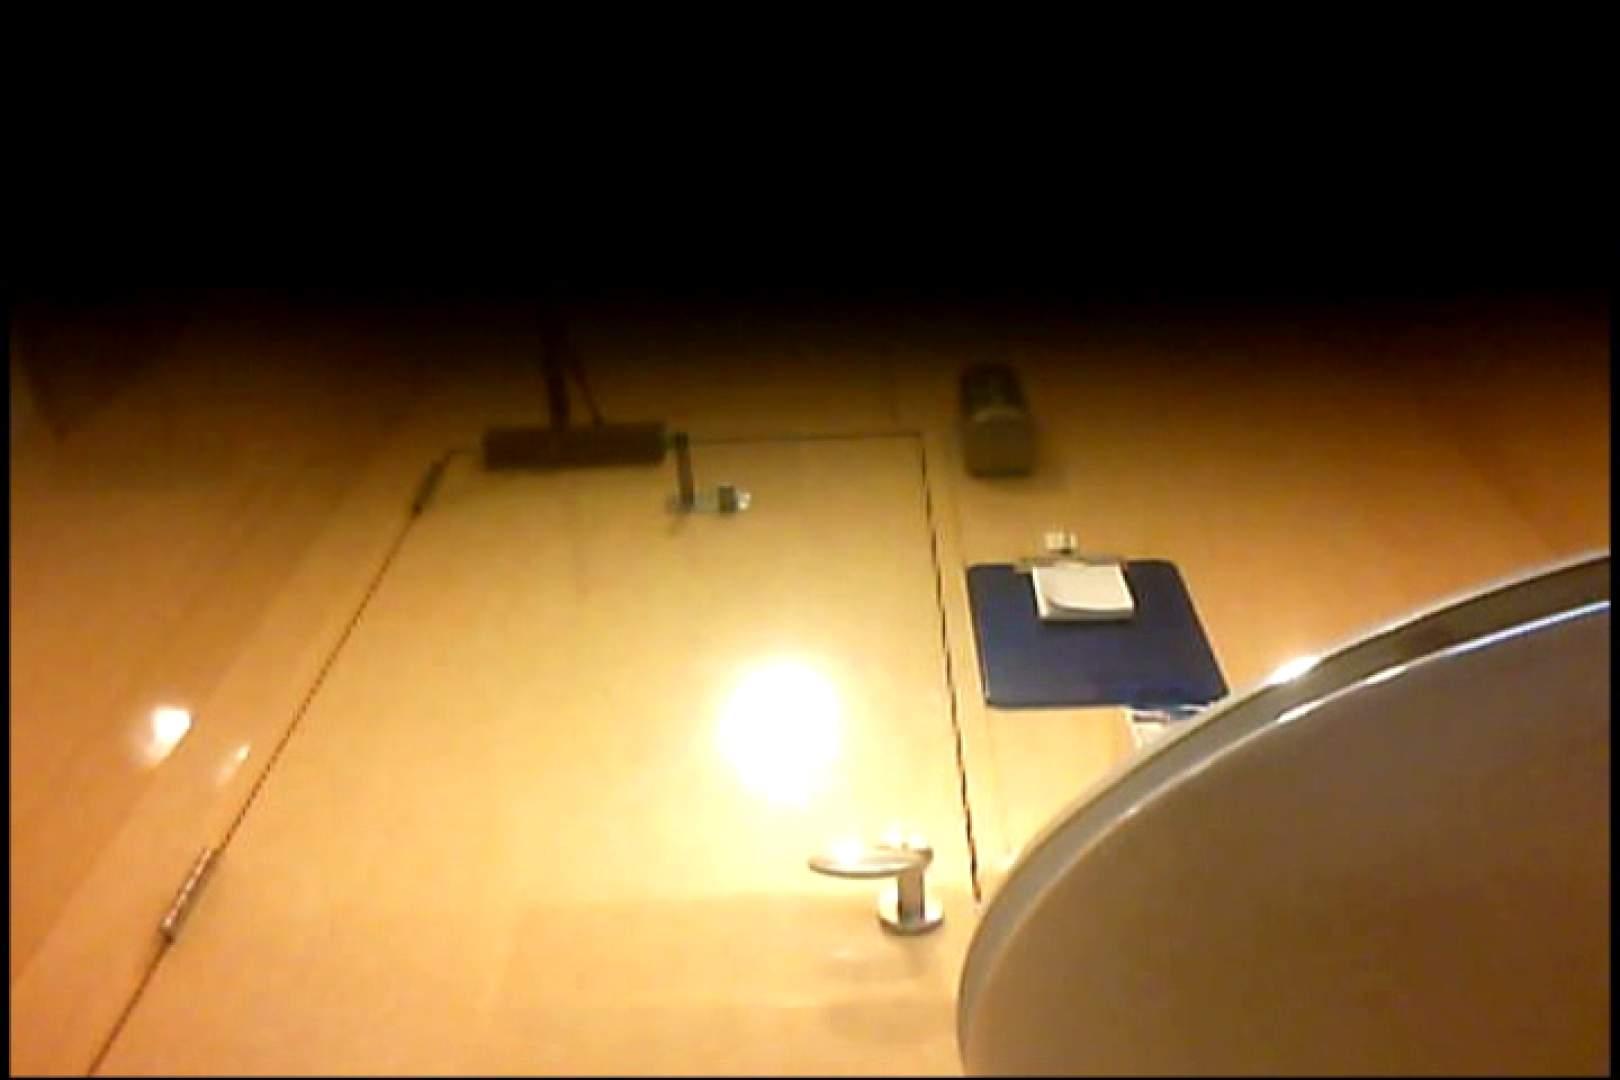 実録!魂の女子化粧室盗撮!!~隠れ潜む特殊カメラ~vo,04 熟女 | 盗撮  102画像 97